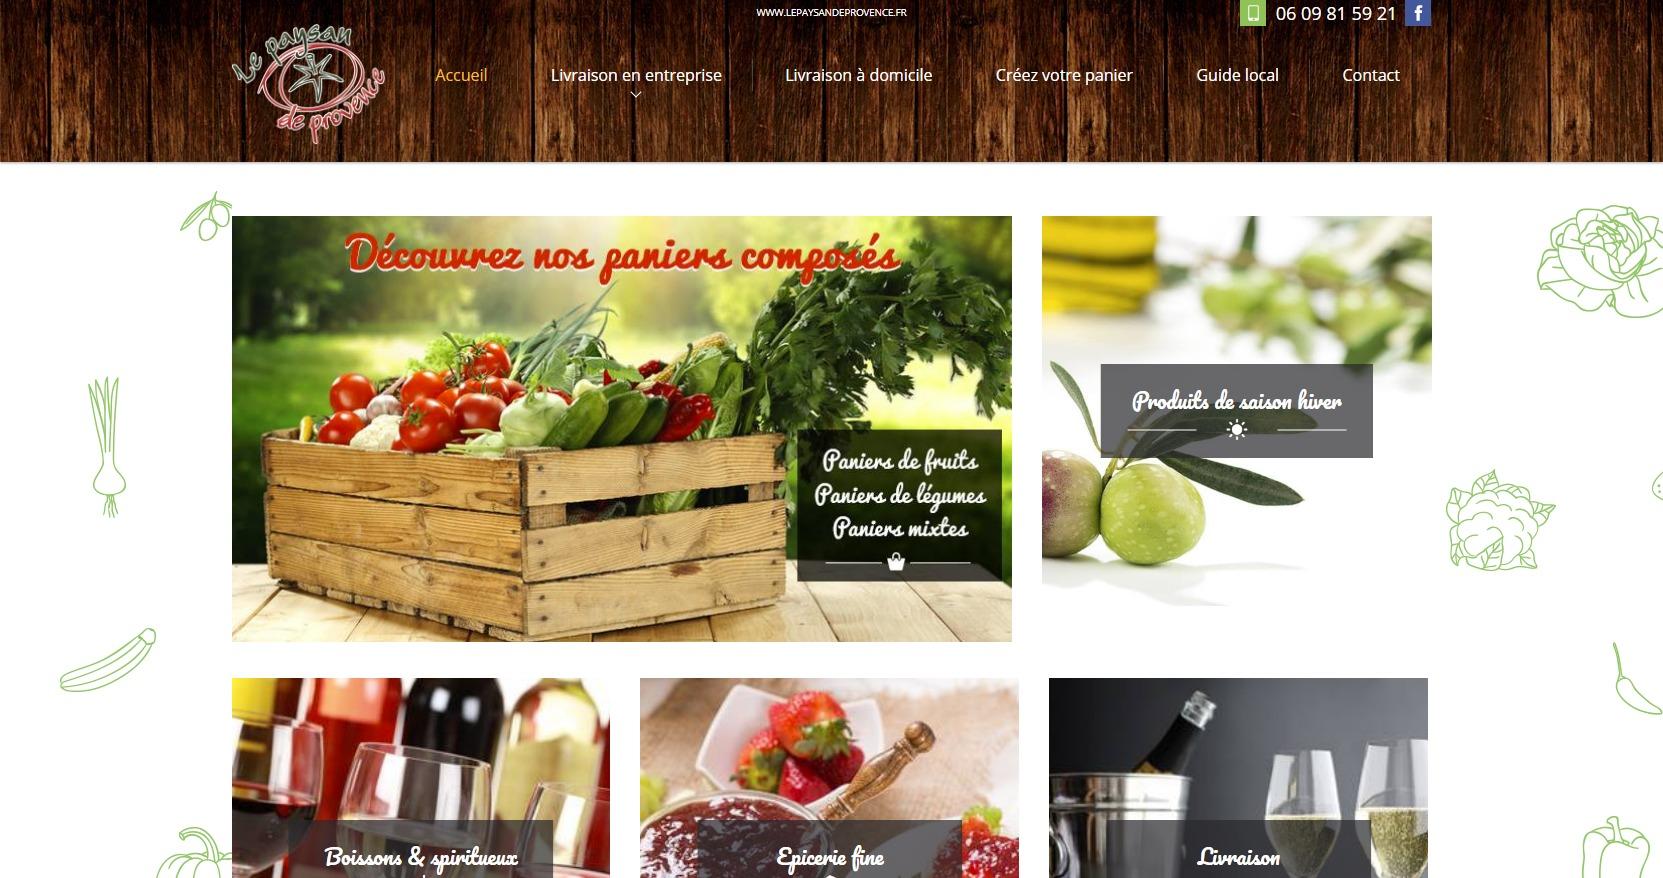 livraison de fruits et de l gumes domicile sur montpellier le paysan de provence agence web. Black Bedroom Furniture Sets. Home Design Ideas